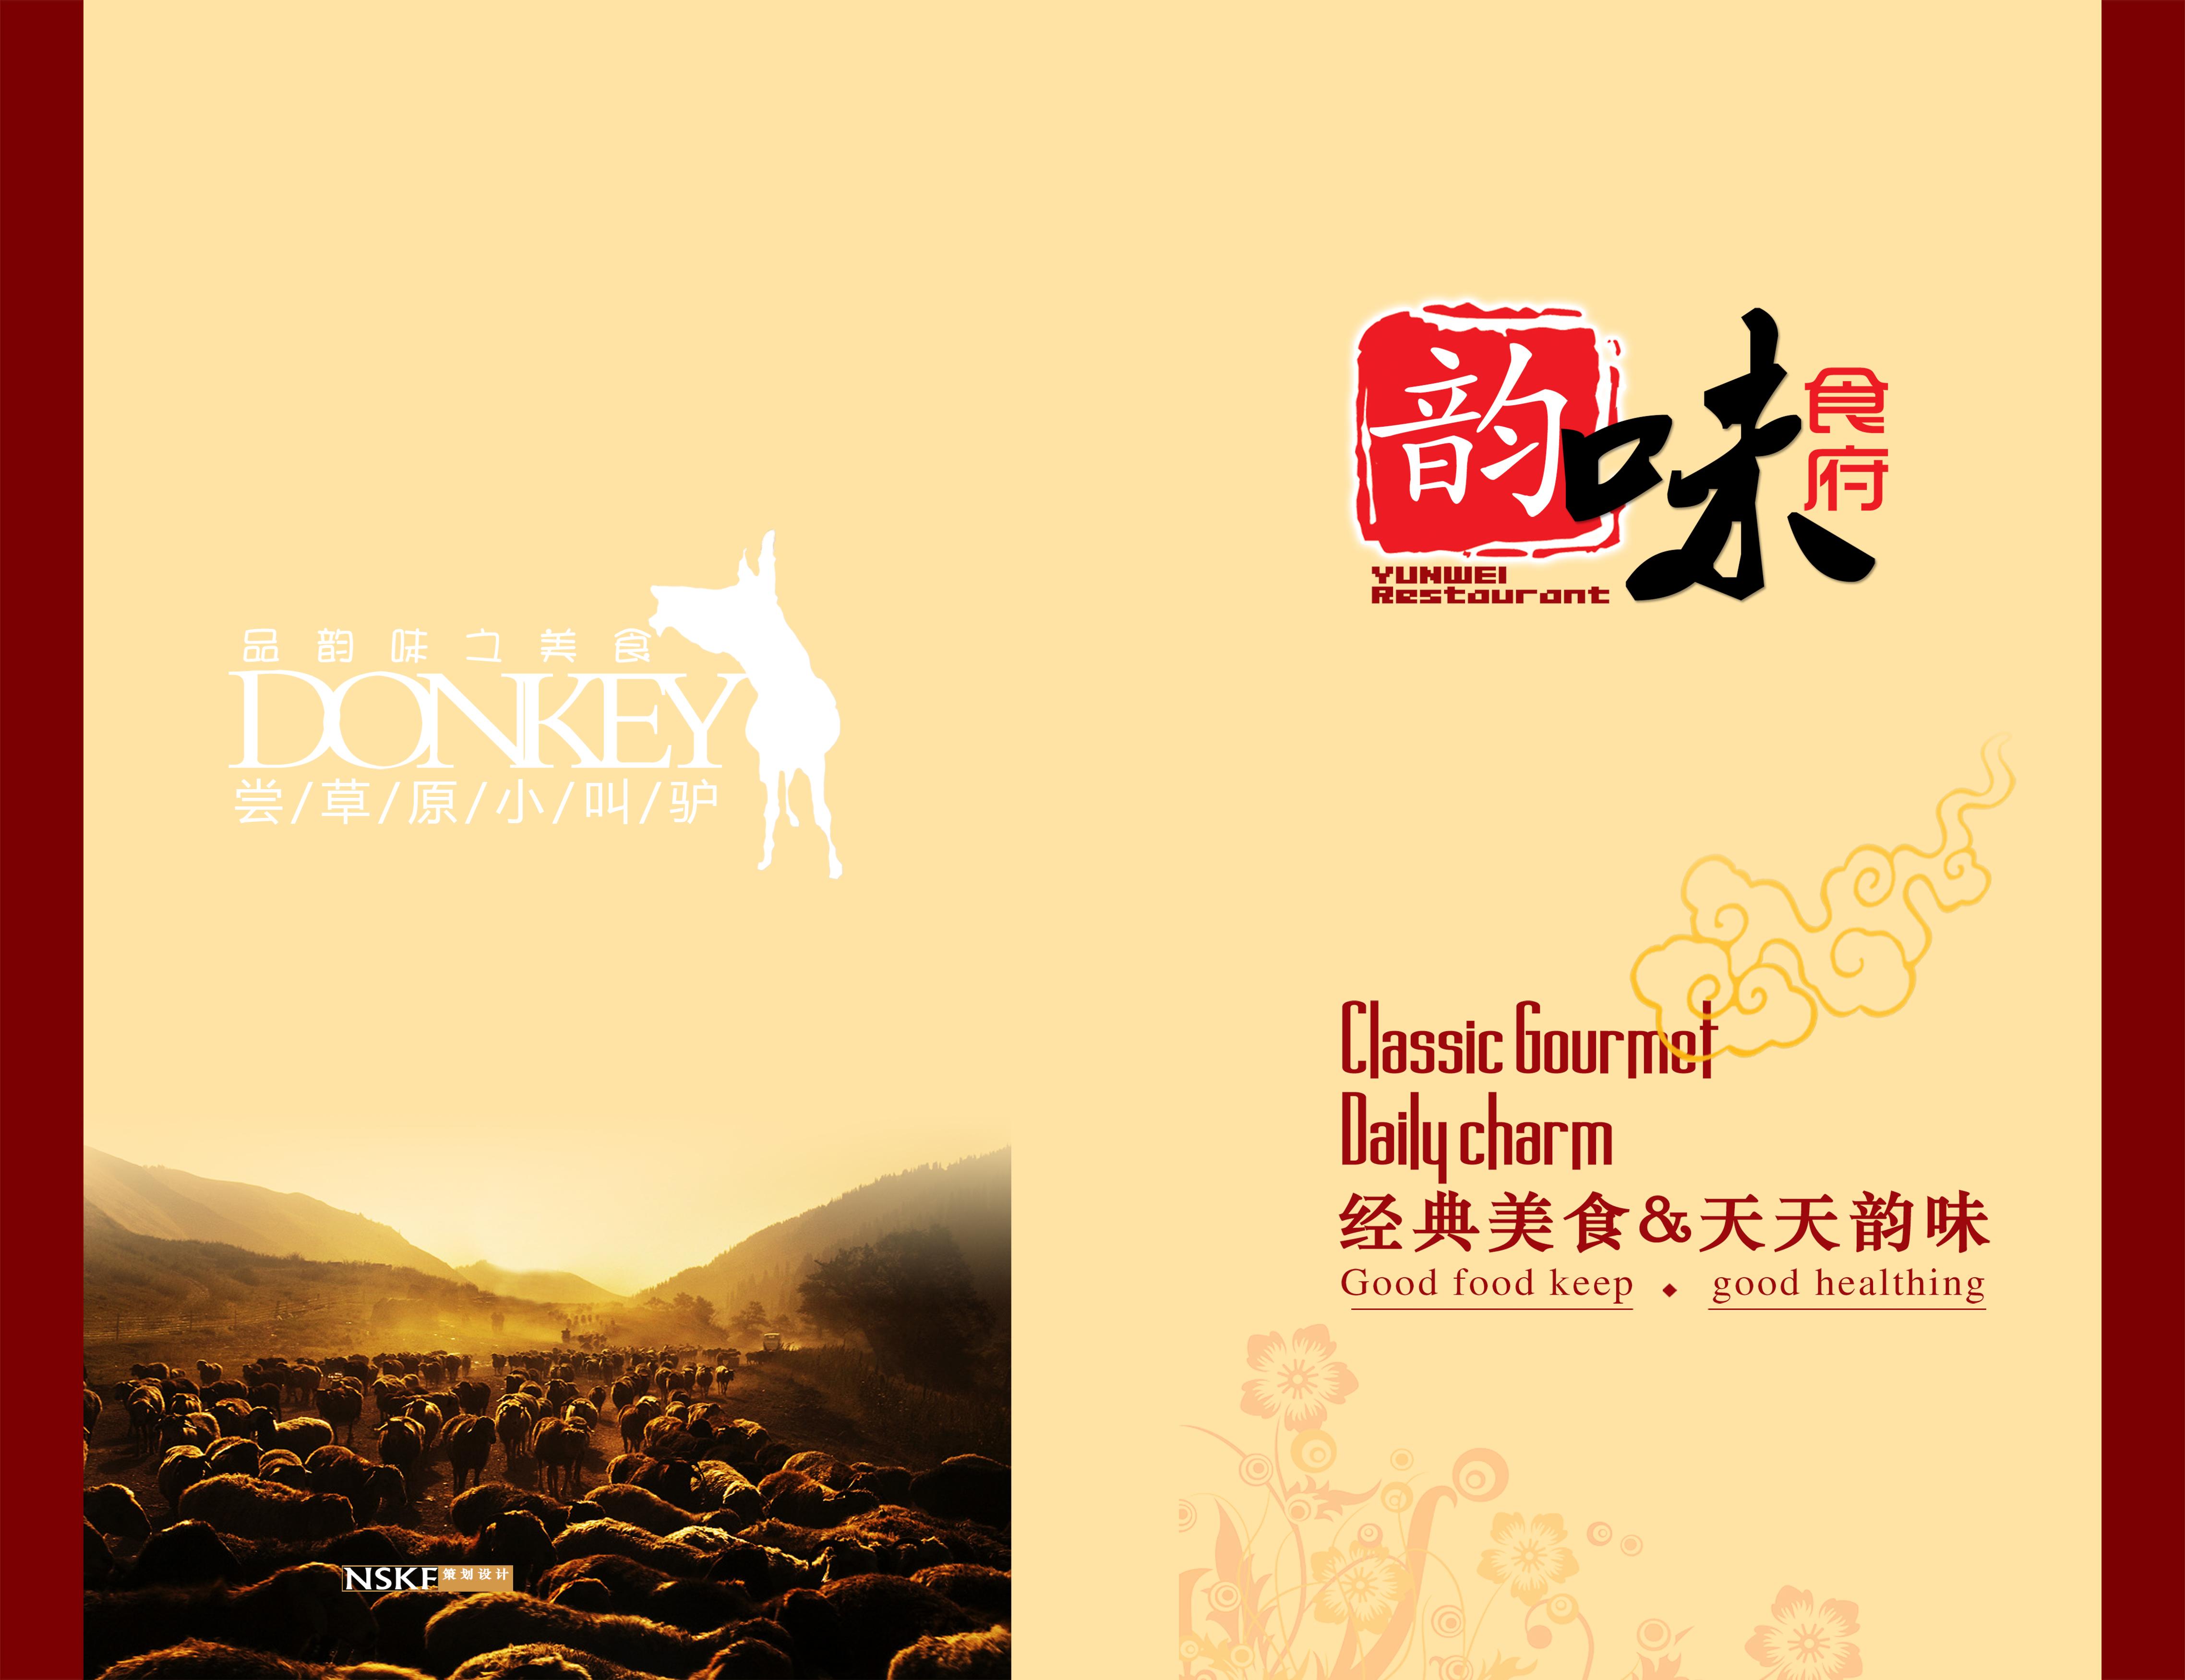 lunch menu background template daquan  menu  posters